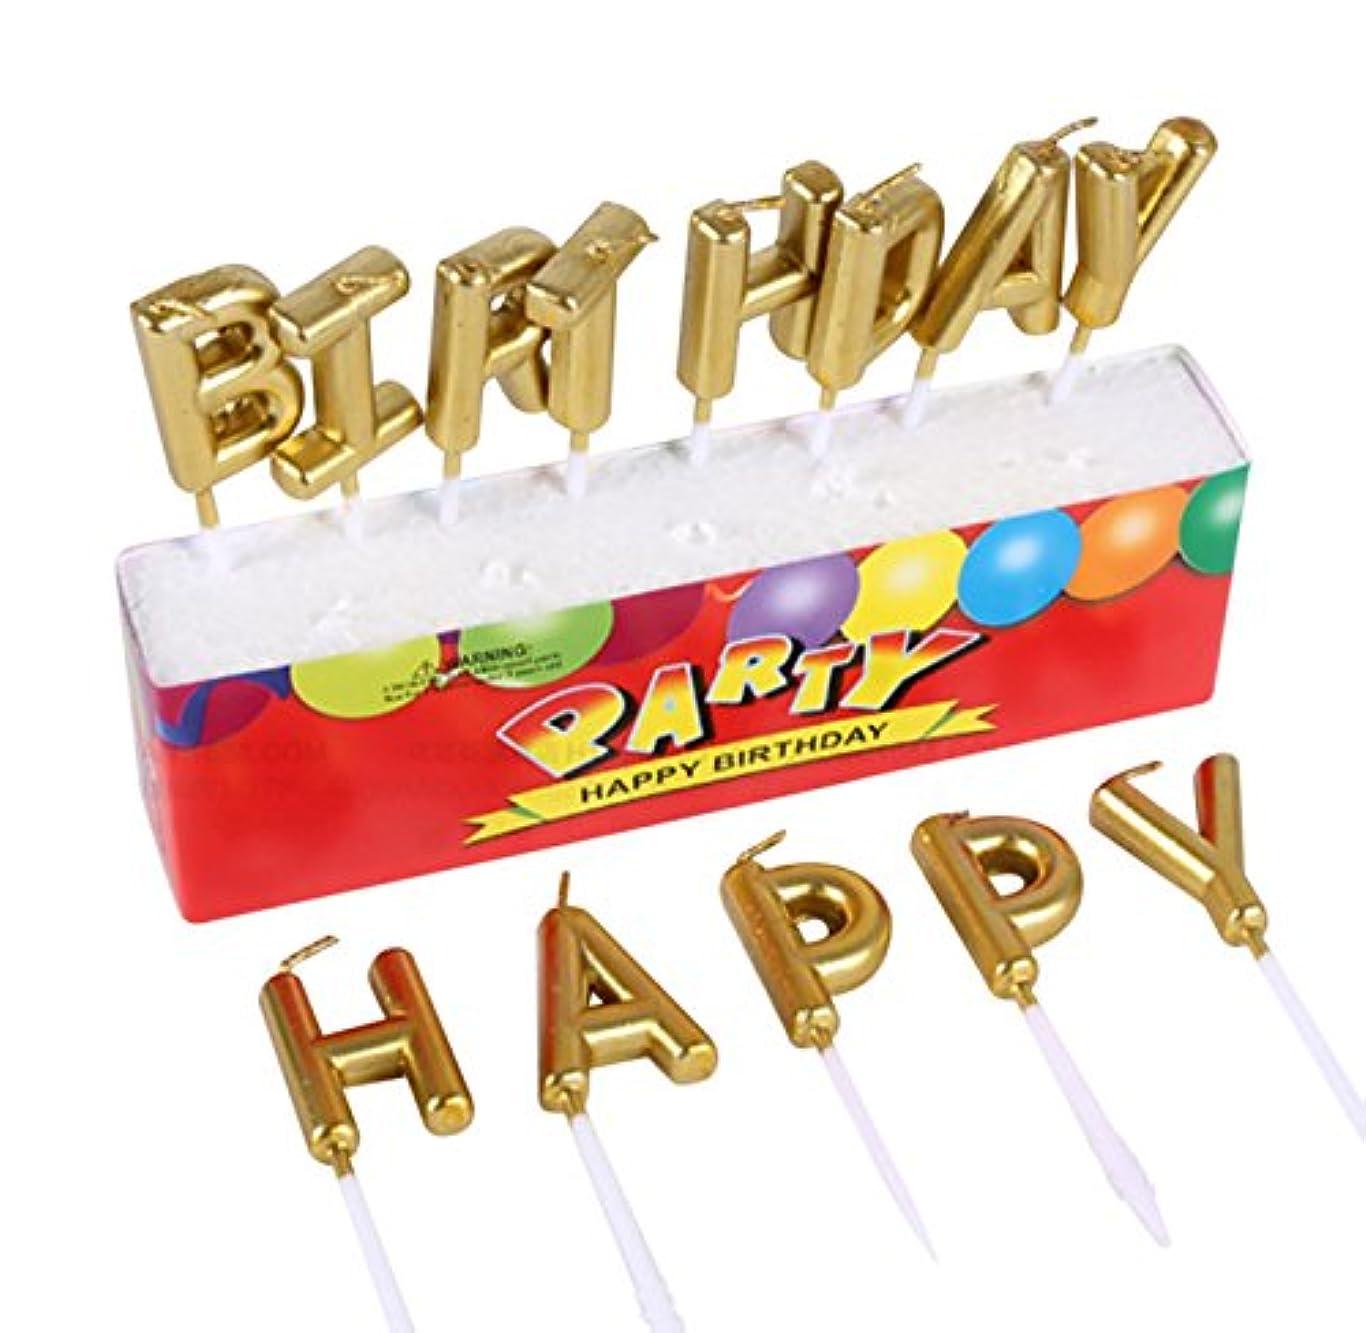 に同意するビットデイジーBirthday キャンドル 金色 お誕生日 ハッピー バースデー